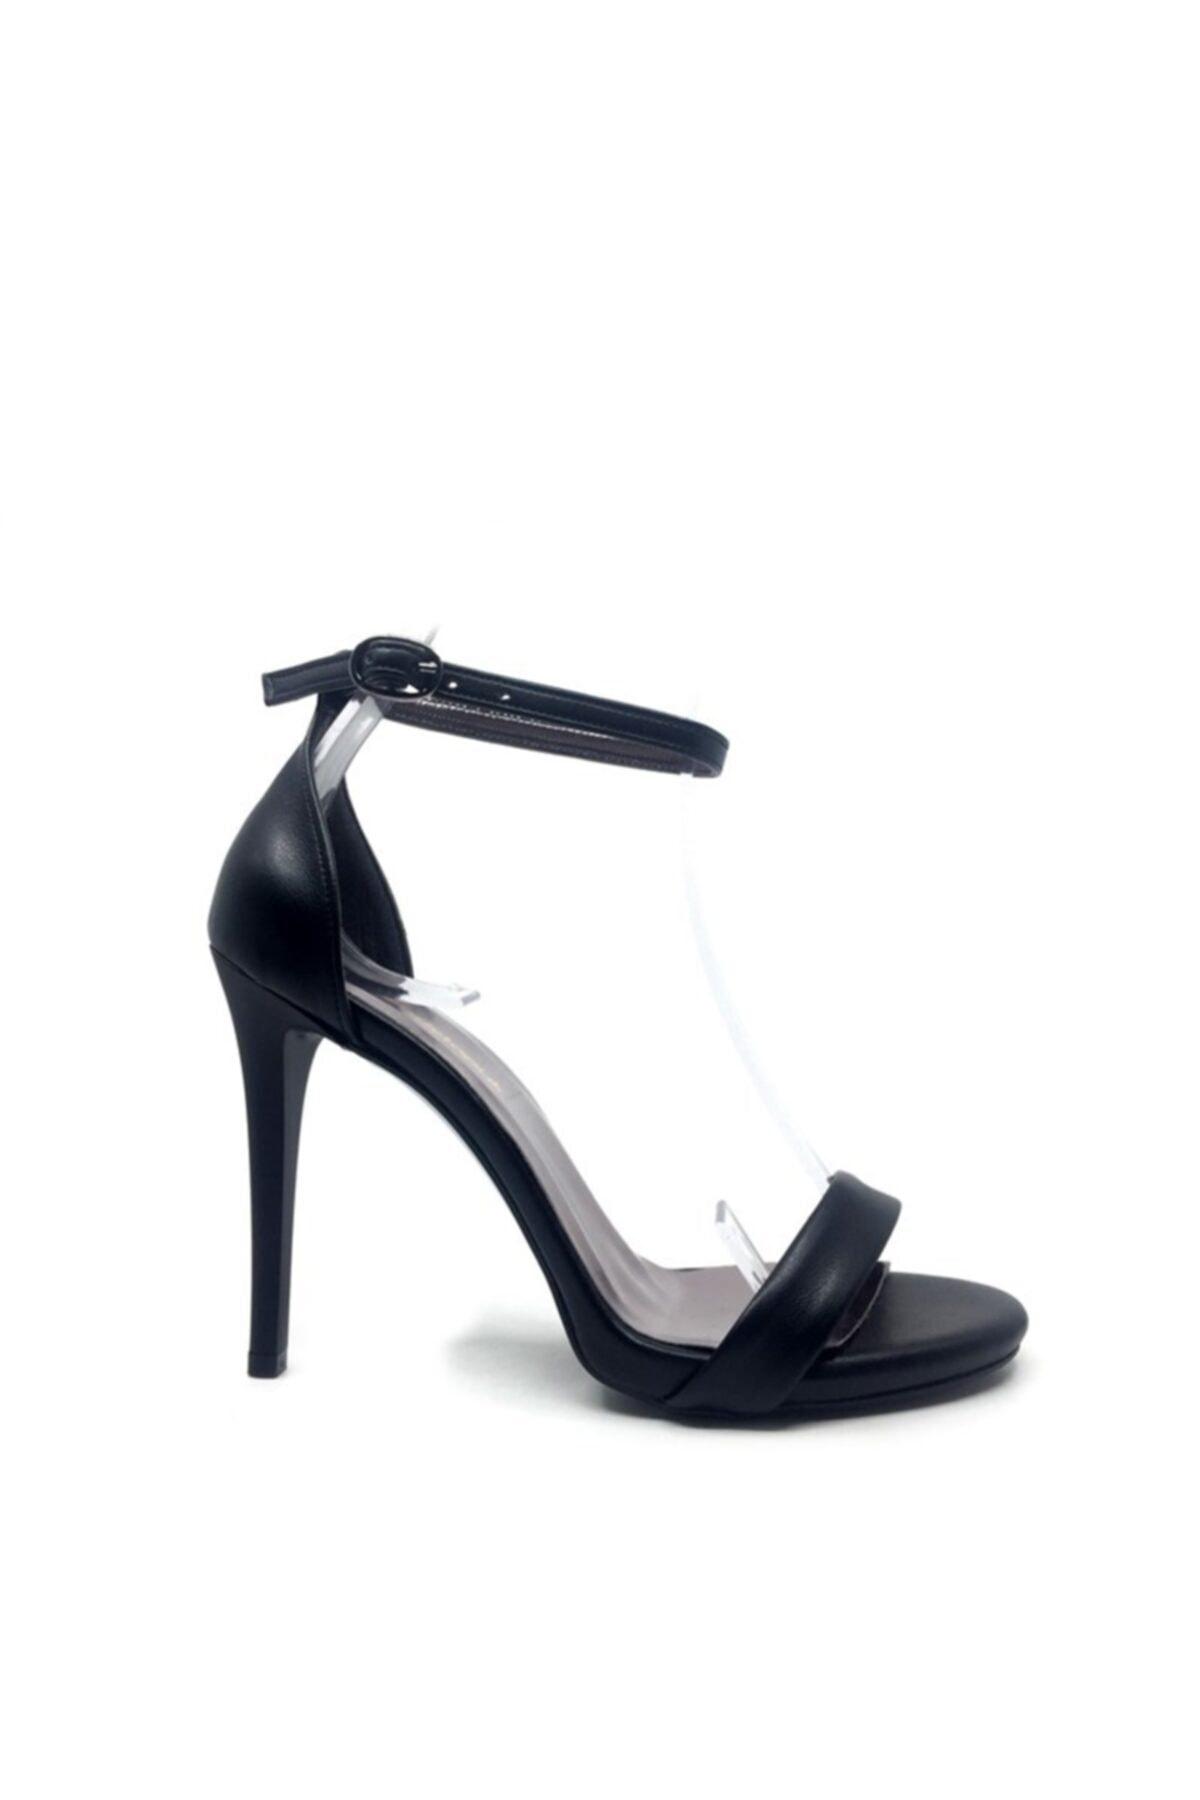 trendytopuk Kadın Siyah Yüksek Topuklu Tek Bant Ayakkabı 2